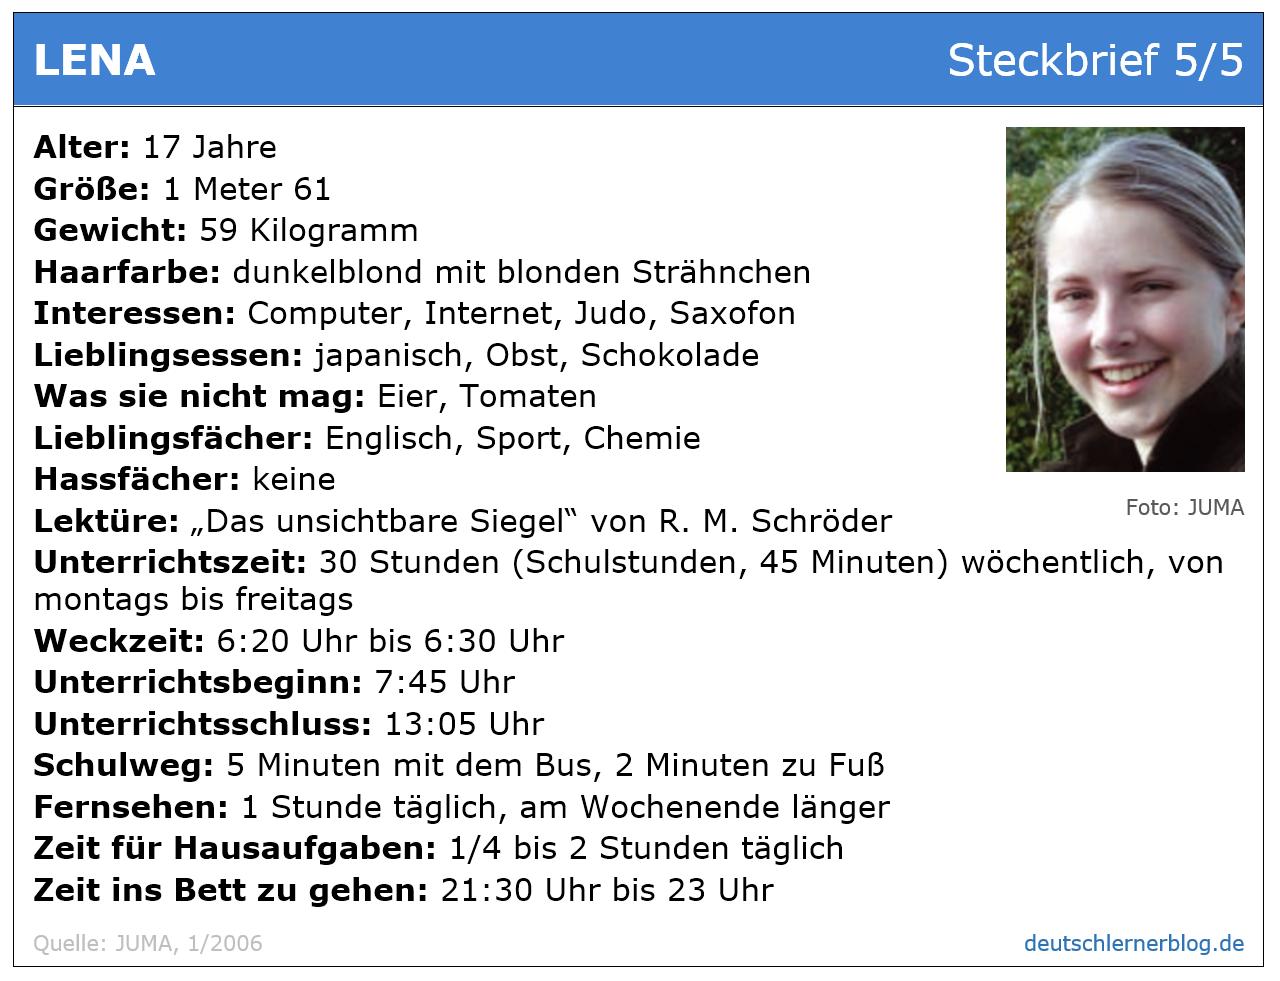 Leseverstehen Deutsch B 1 - Steckbrief Mädchen Teenager